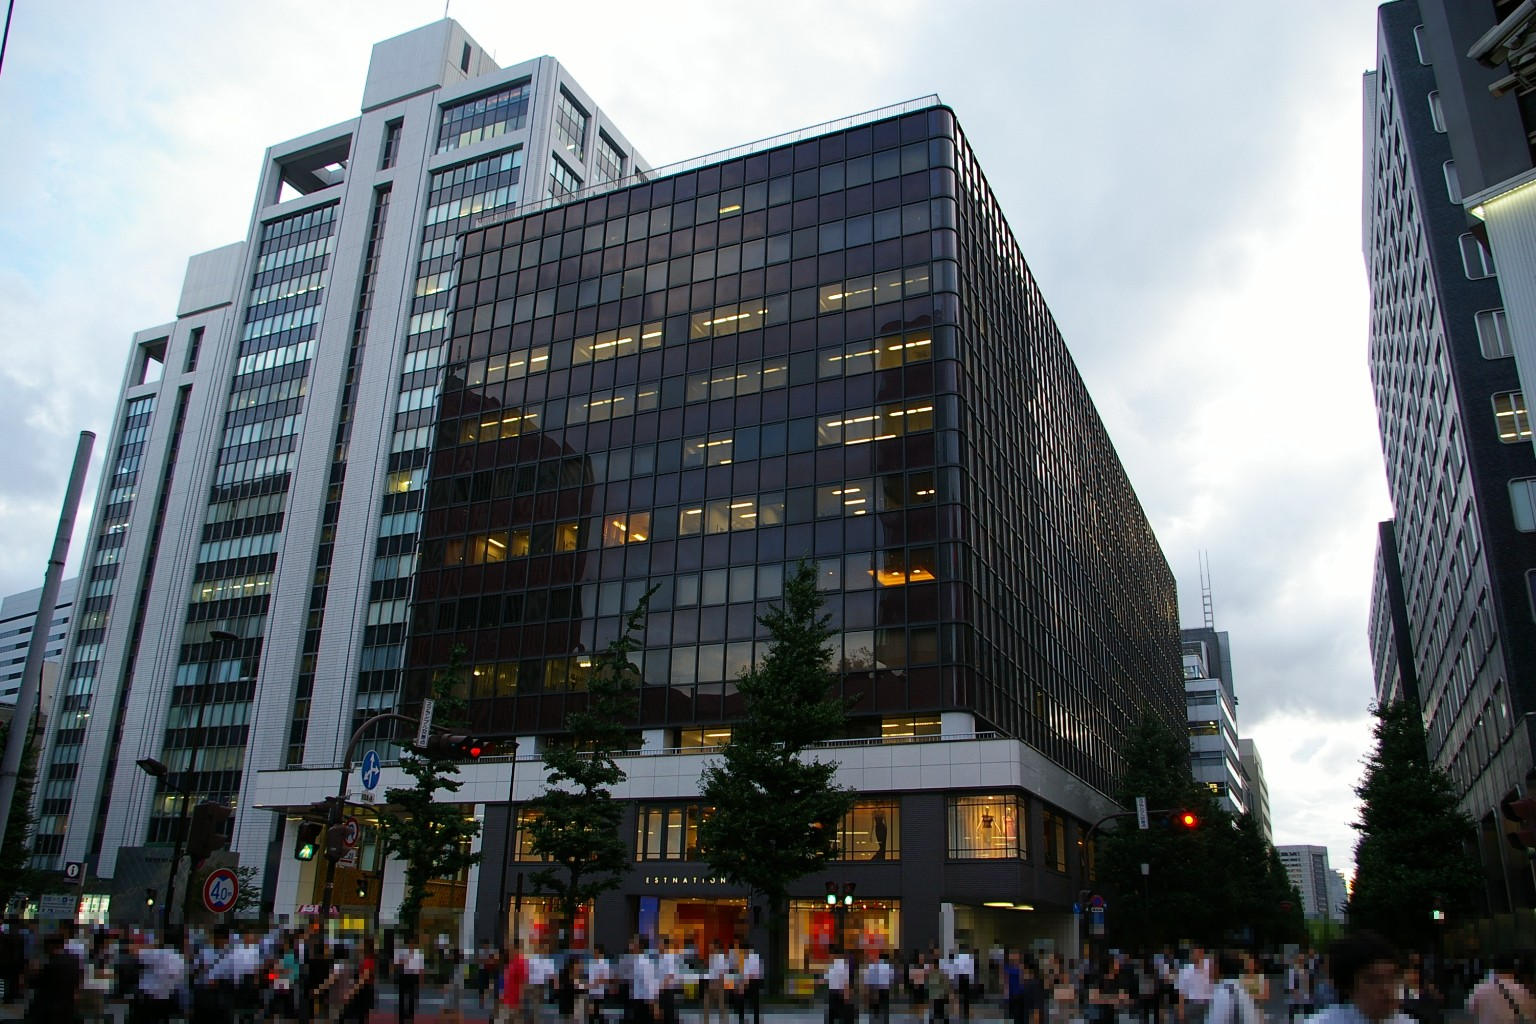 日本外国特派員協会 - Wikipedia